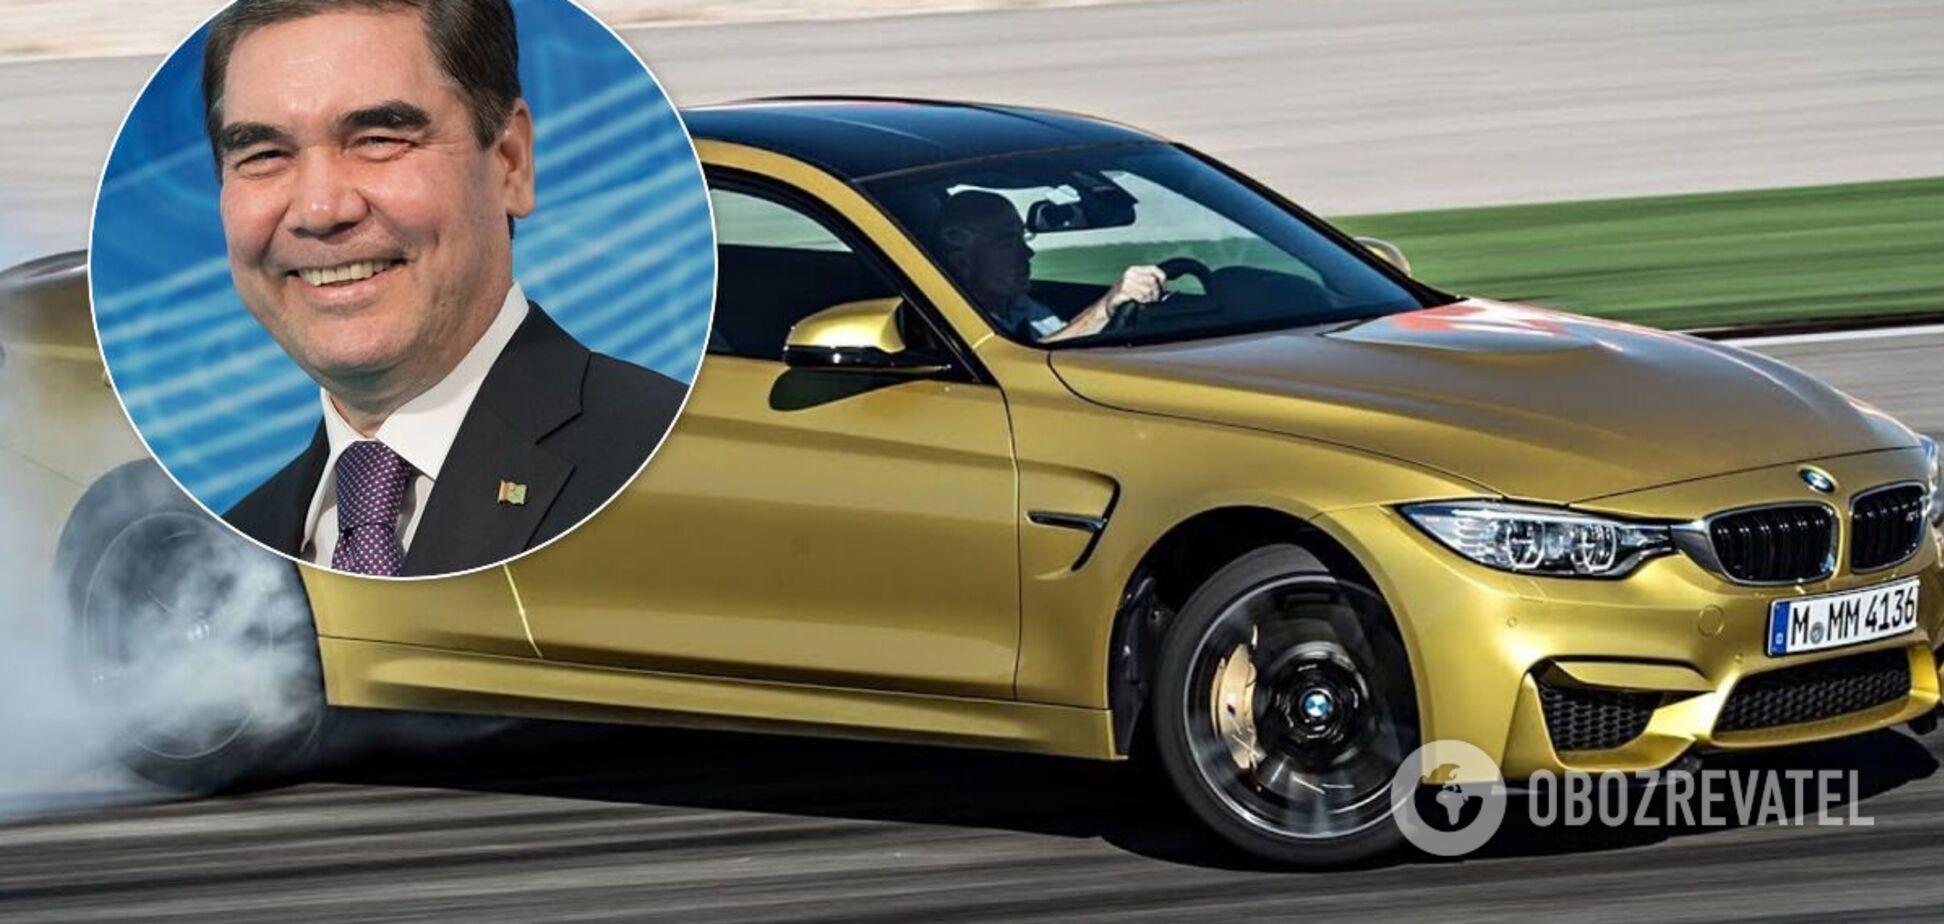 Президент Туркменістану показав майстер-клас із дрифту на BMW M4